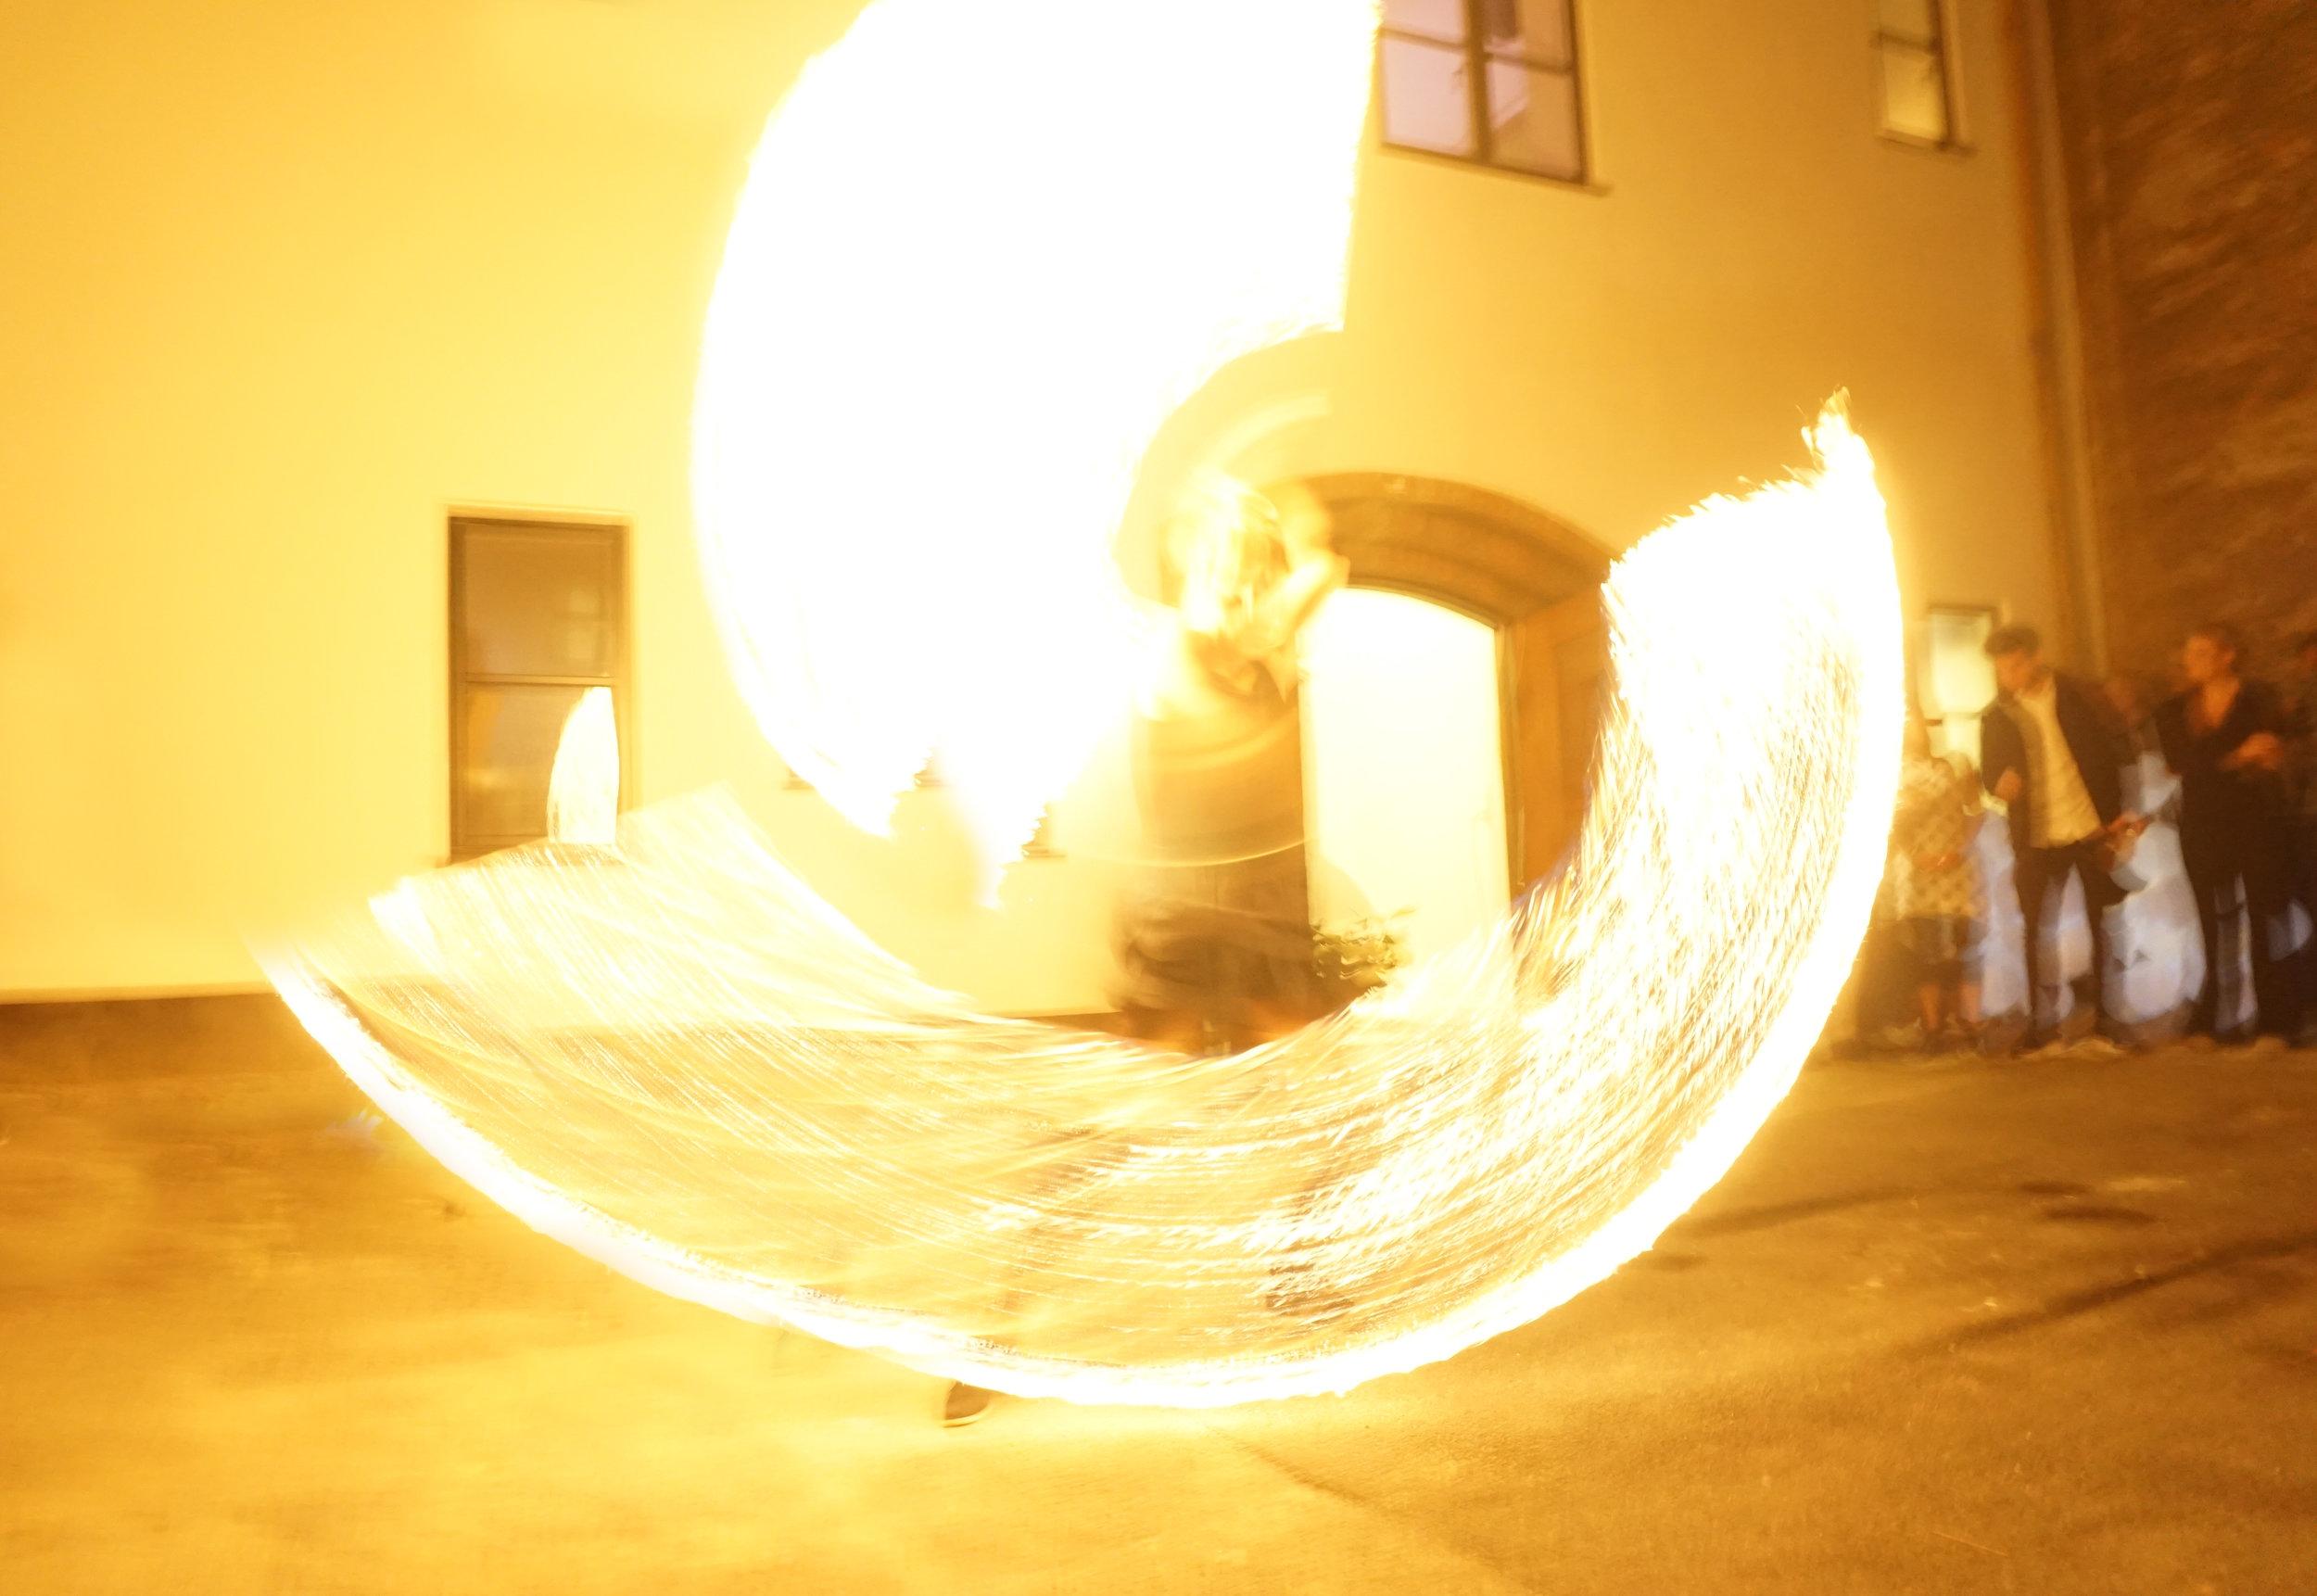 fire20.jpg